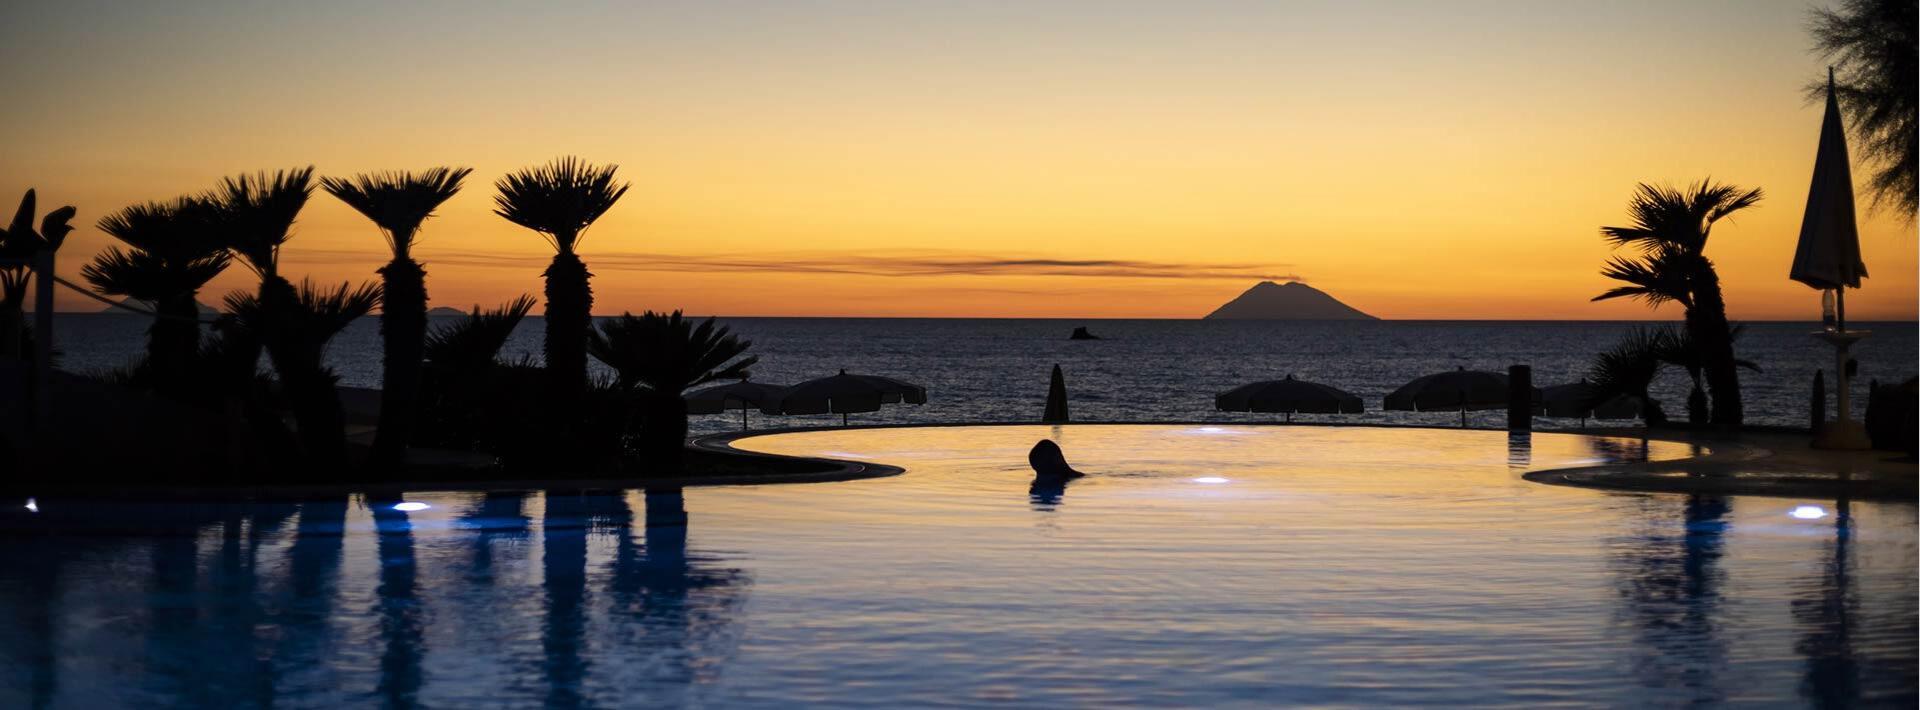 villaggioilgabbiano it resort-con-piscina-capo-vaticano 011